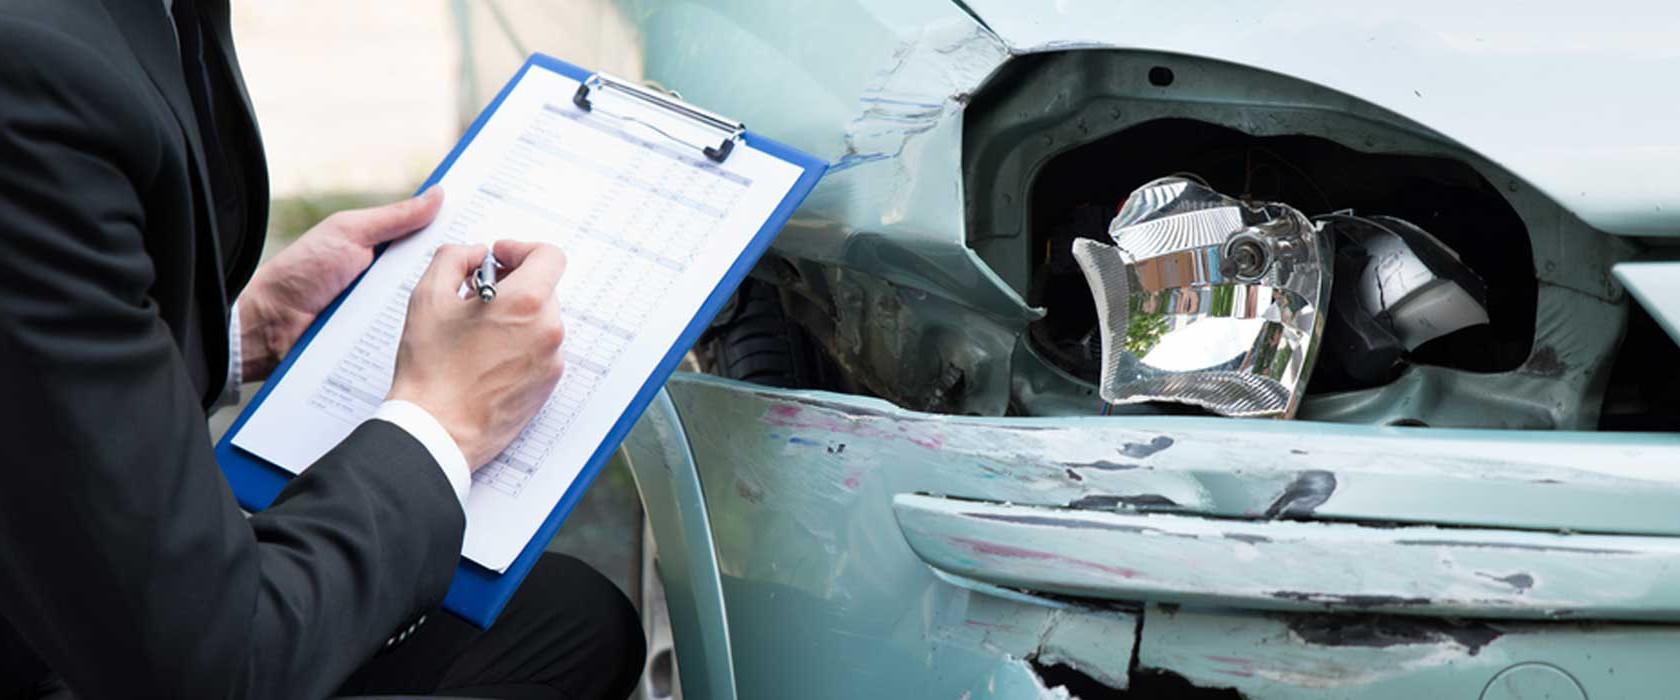 Оценка восстановительного ремонта и остаточной стоимости автомобиля после ДТП